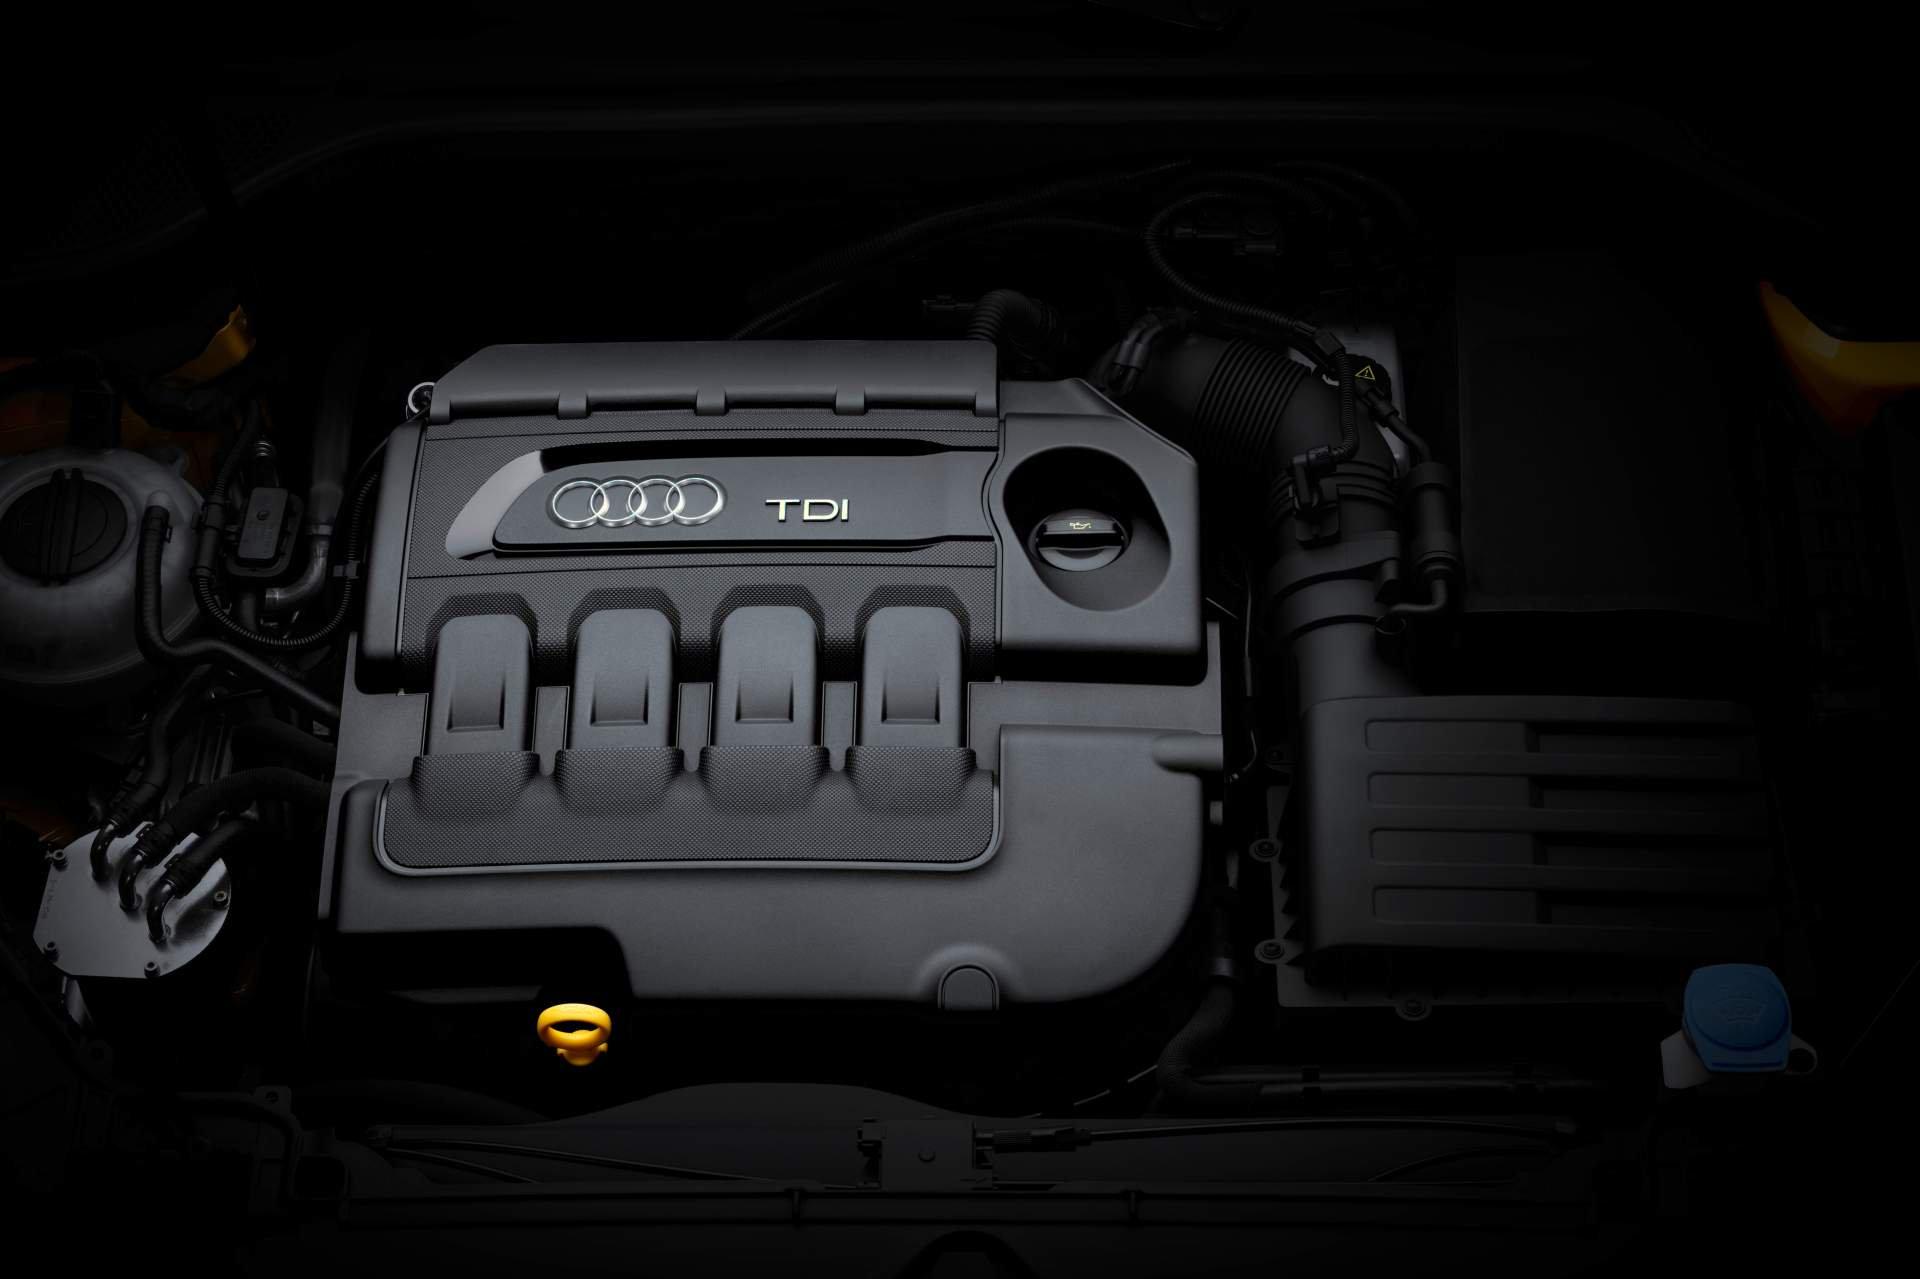 Нови губитоци во VW Group: Audi казнет со 800 милиони евра